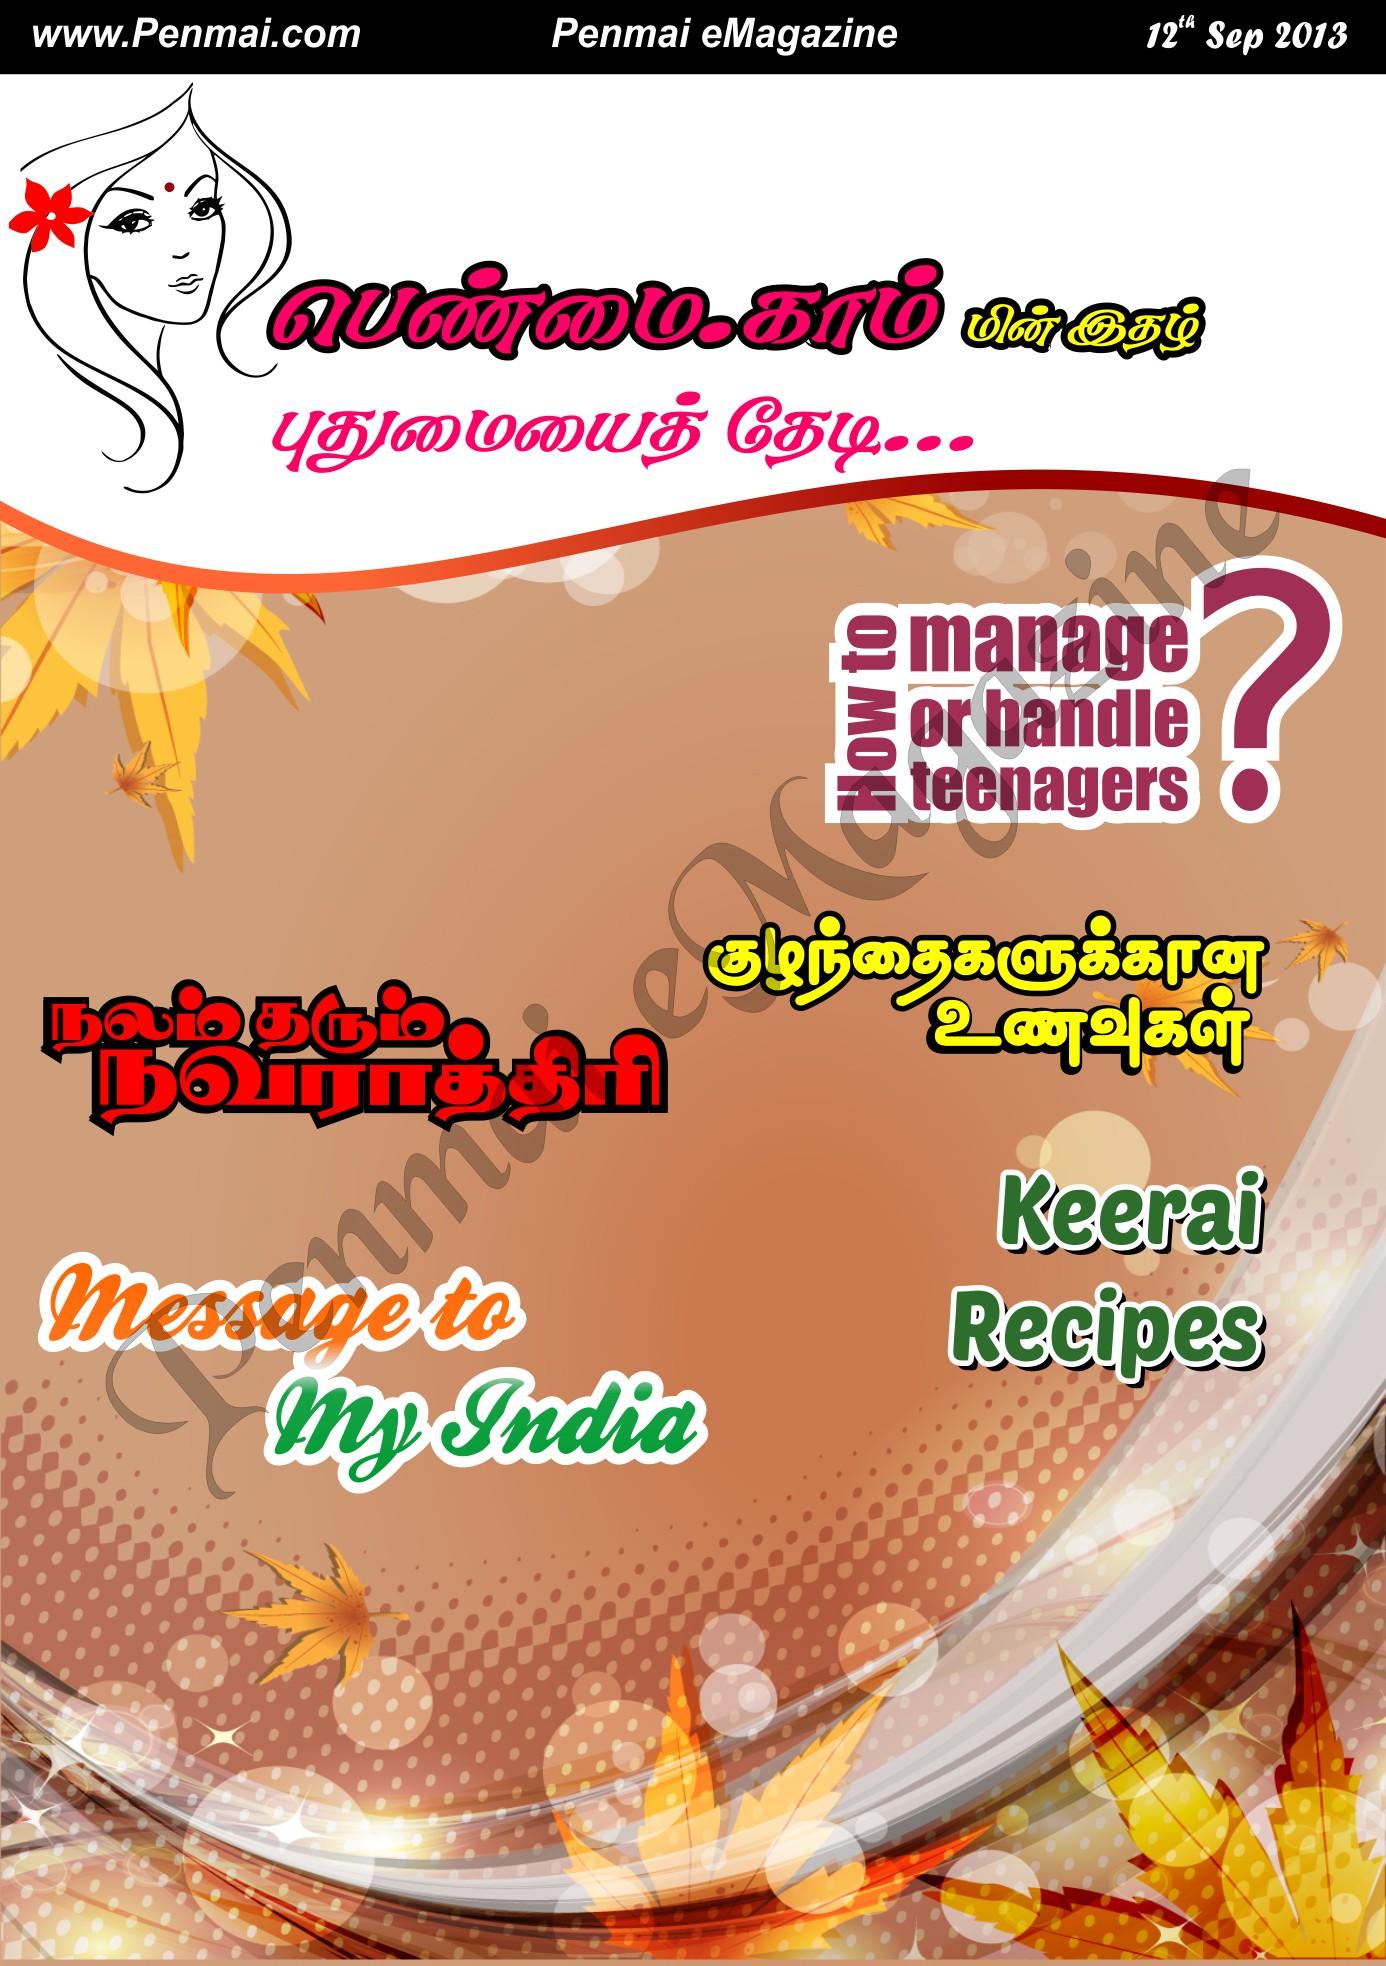 Name:  Penmai eMagazine September 2013-01.jpg Views: 383 Size:  481.0 KB